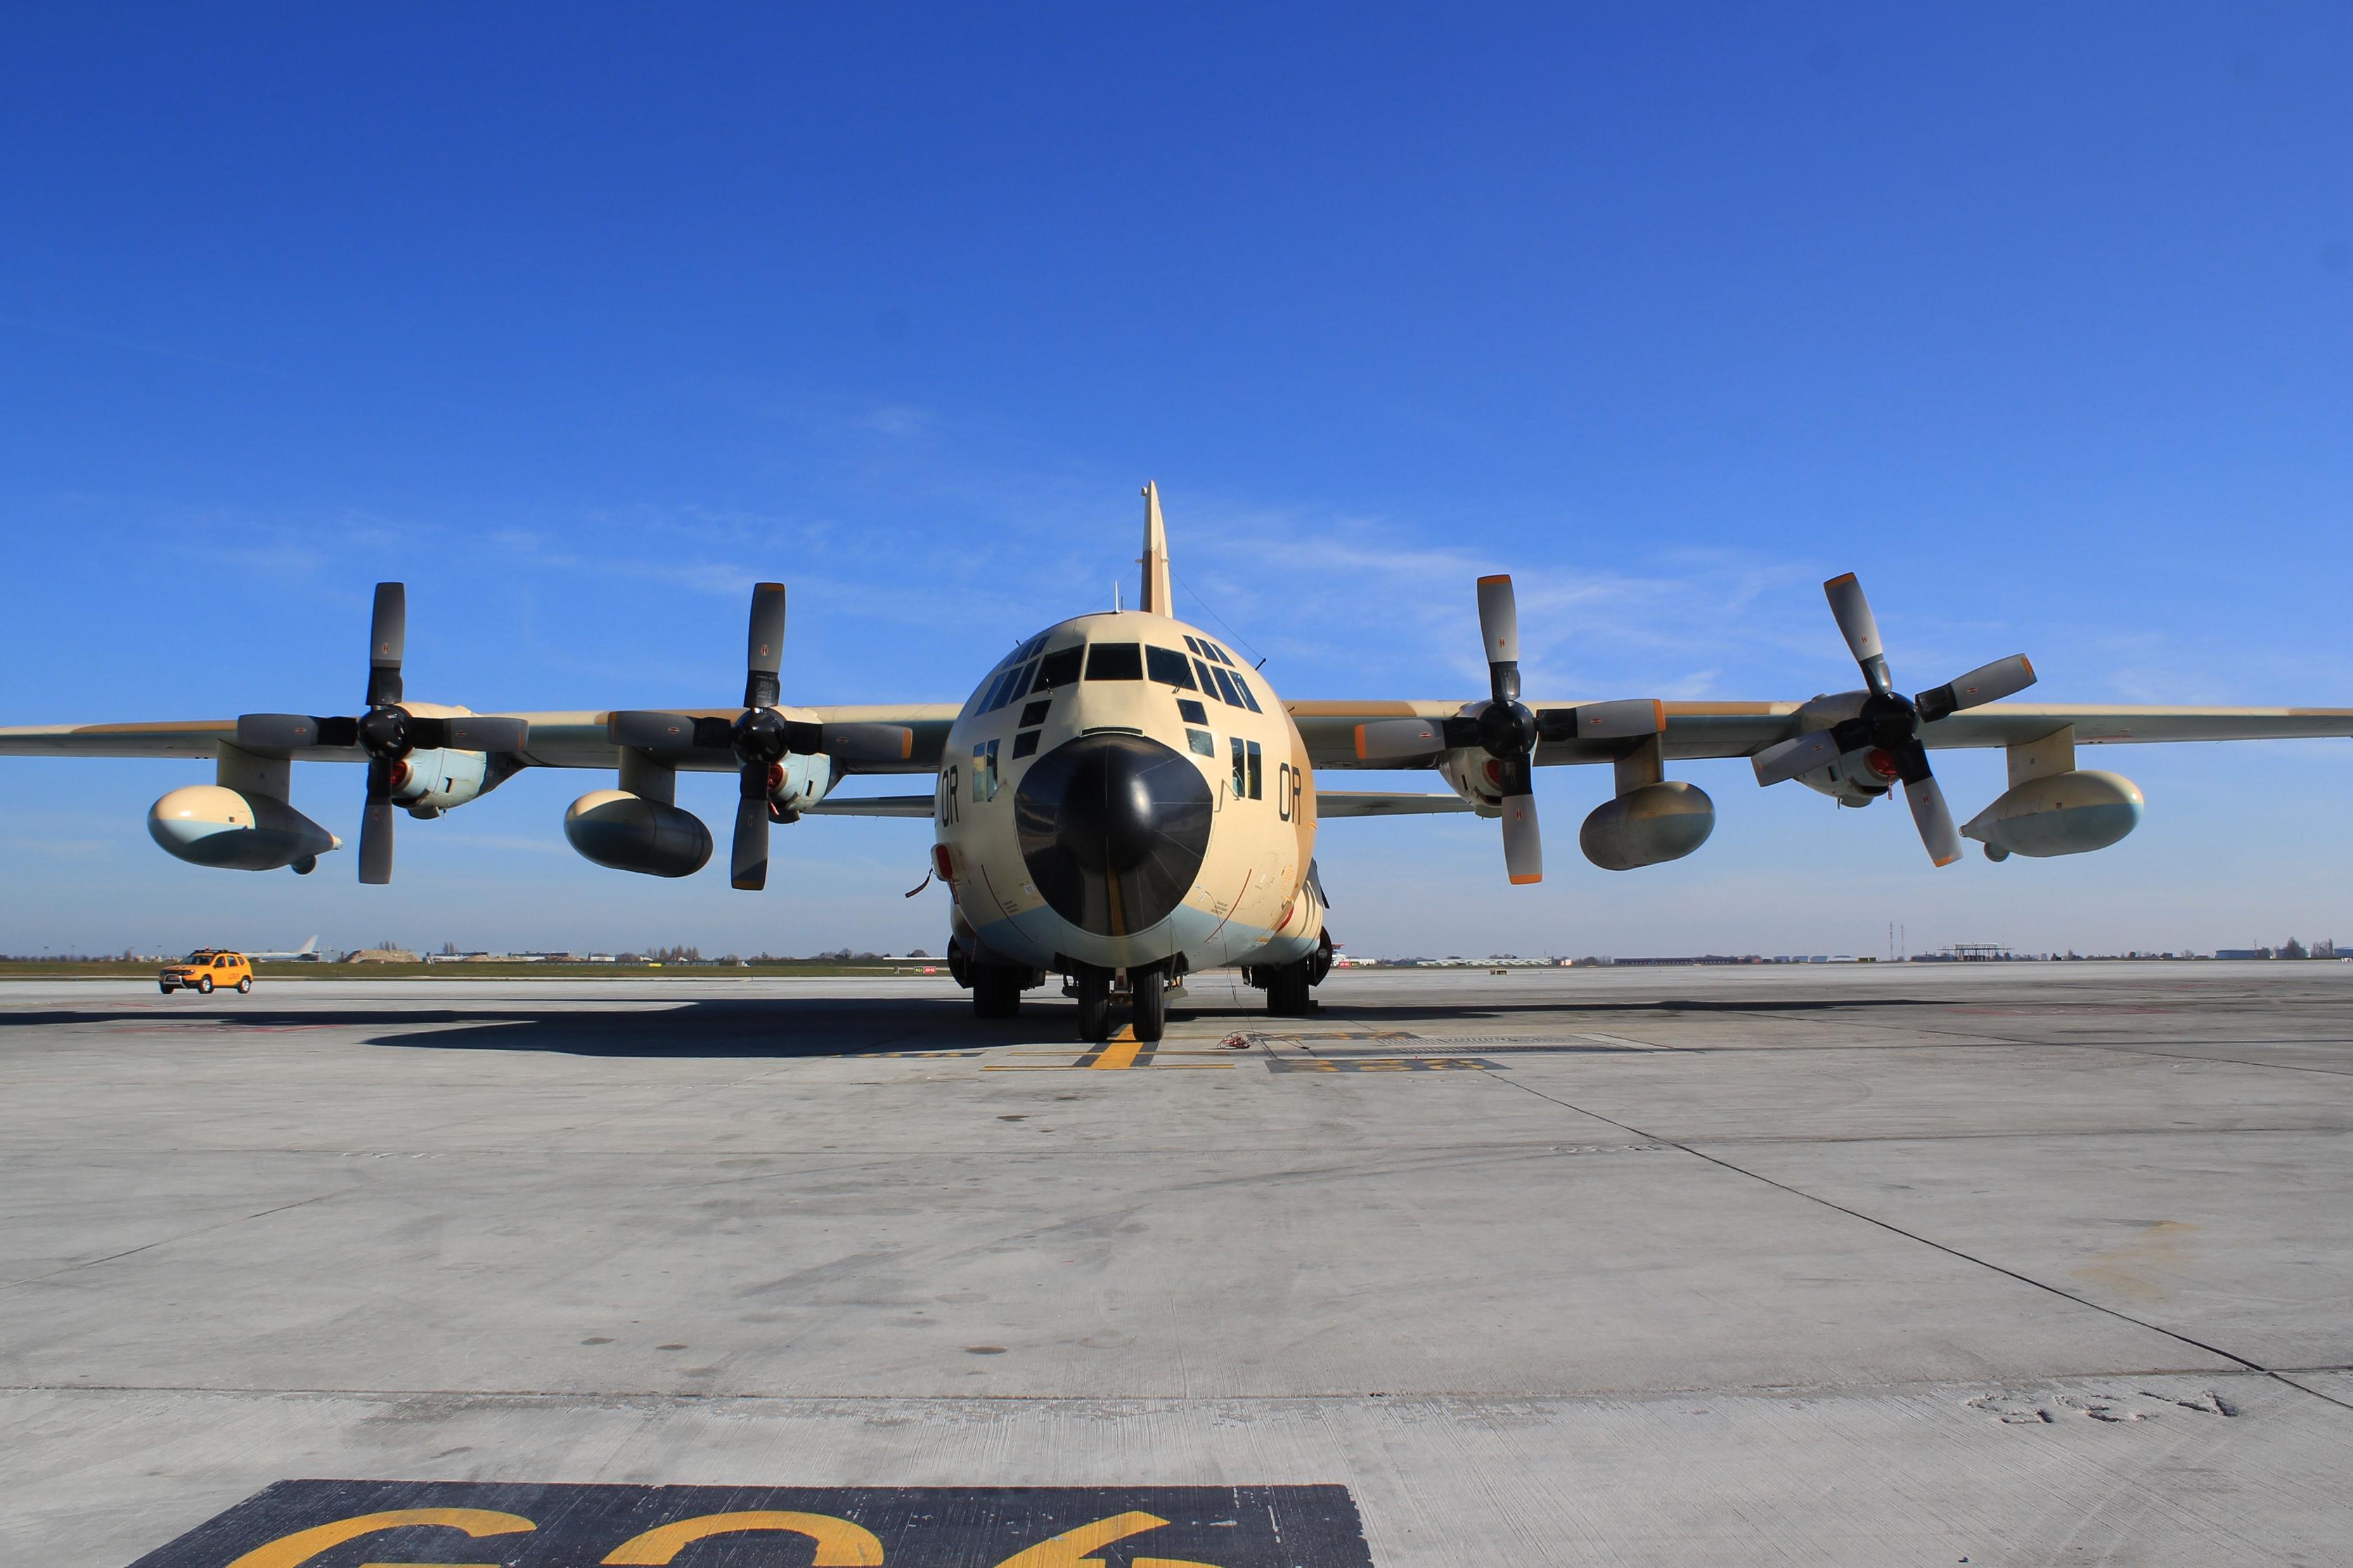 FRA: Photos d'avions de transport - Page 37 33357636678_b05dce09a4_o